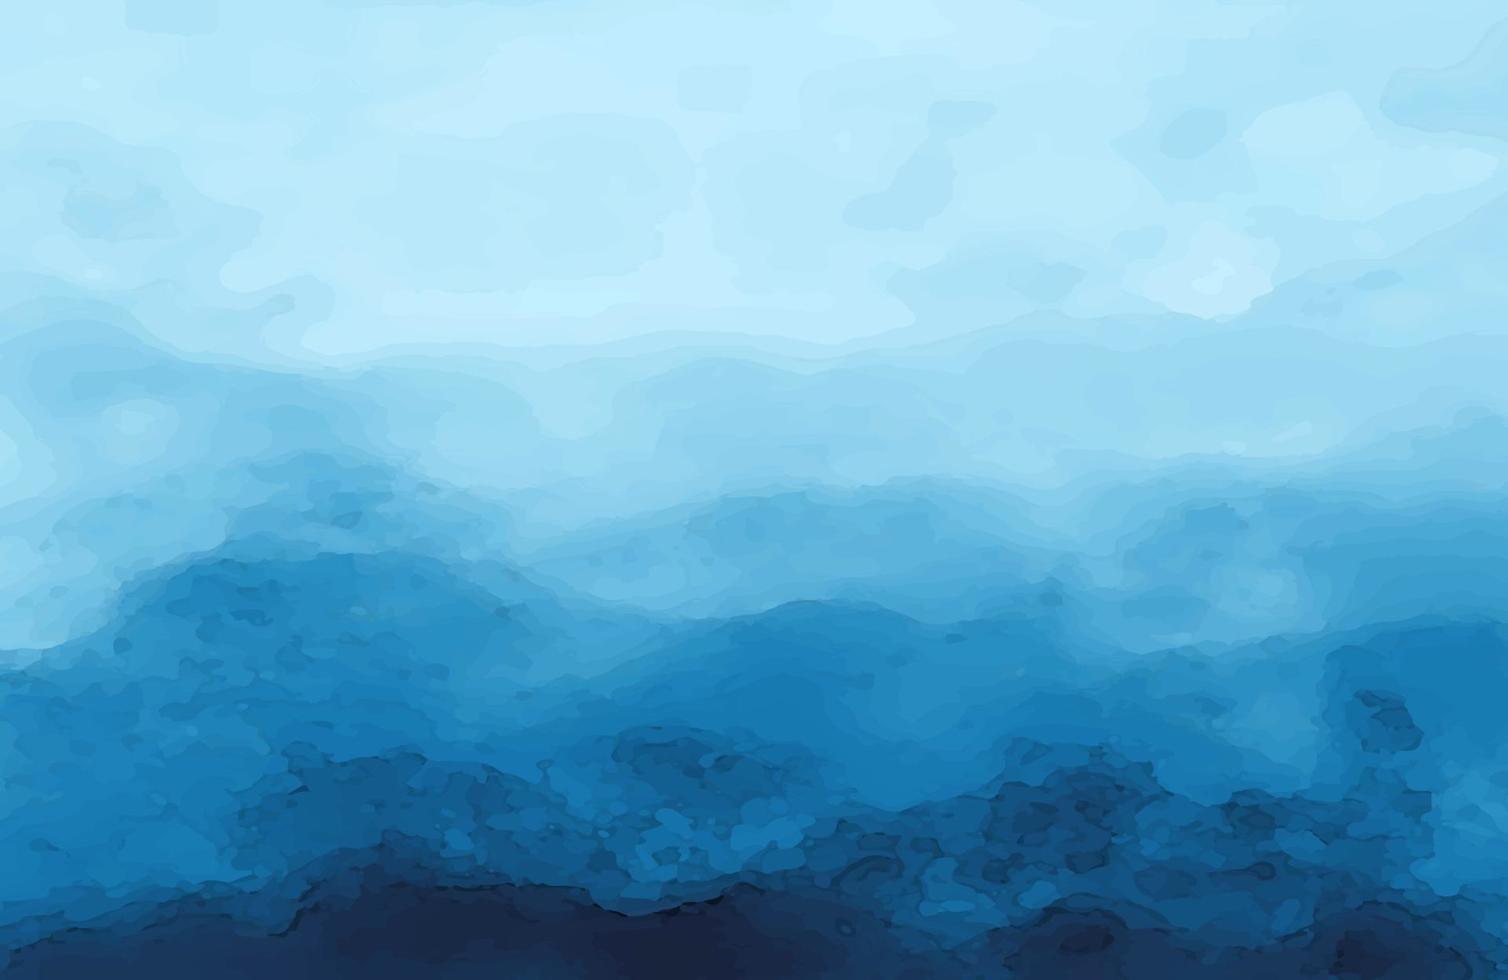 fondo di struttura della pittura di arte liquida. astratto pittura ad acquerello sfondo blu scuro colore grunge texture di sfondo vettore